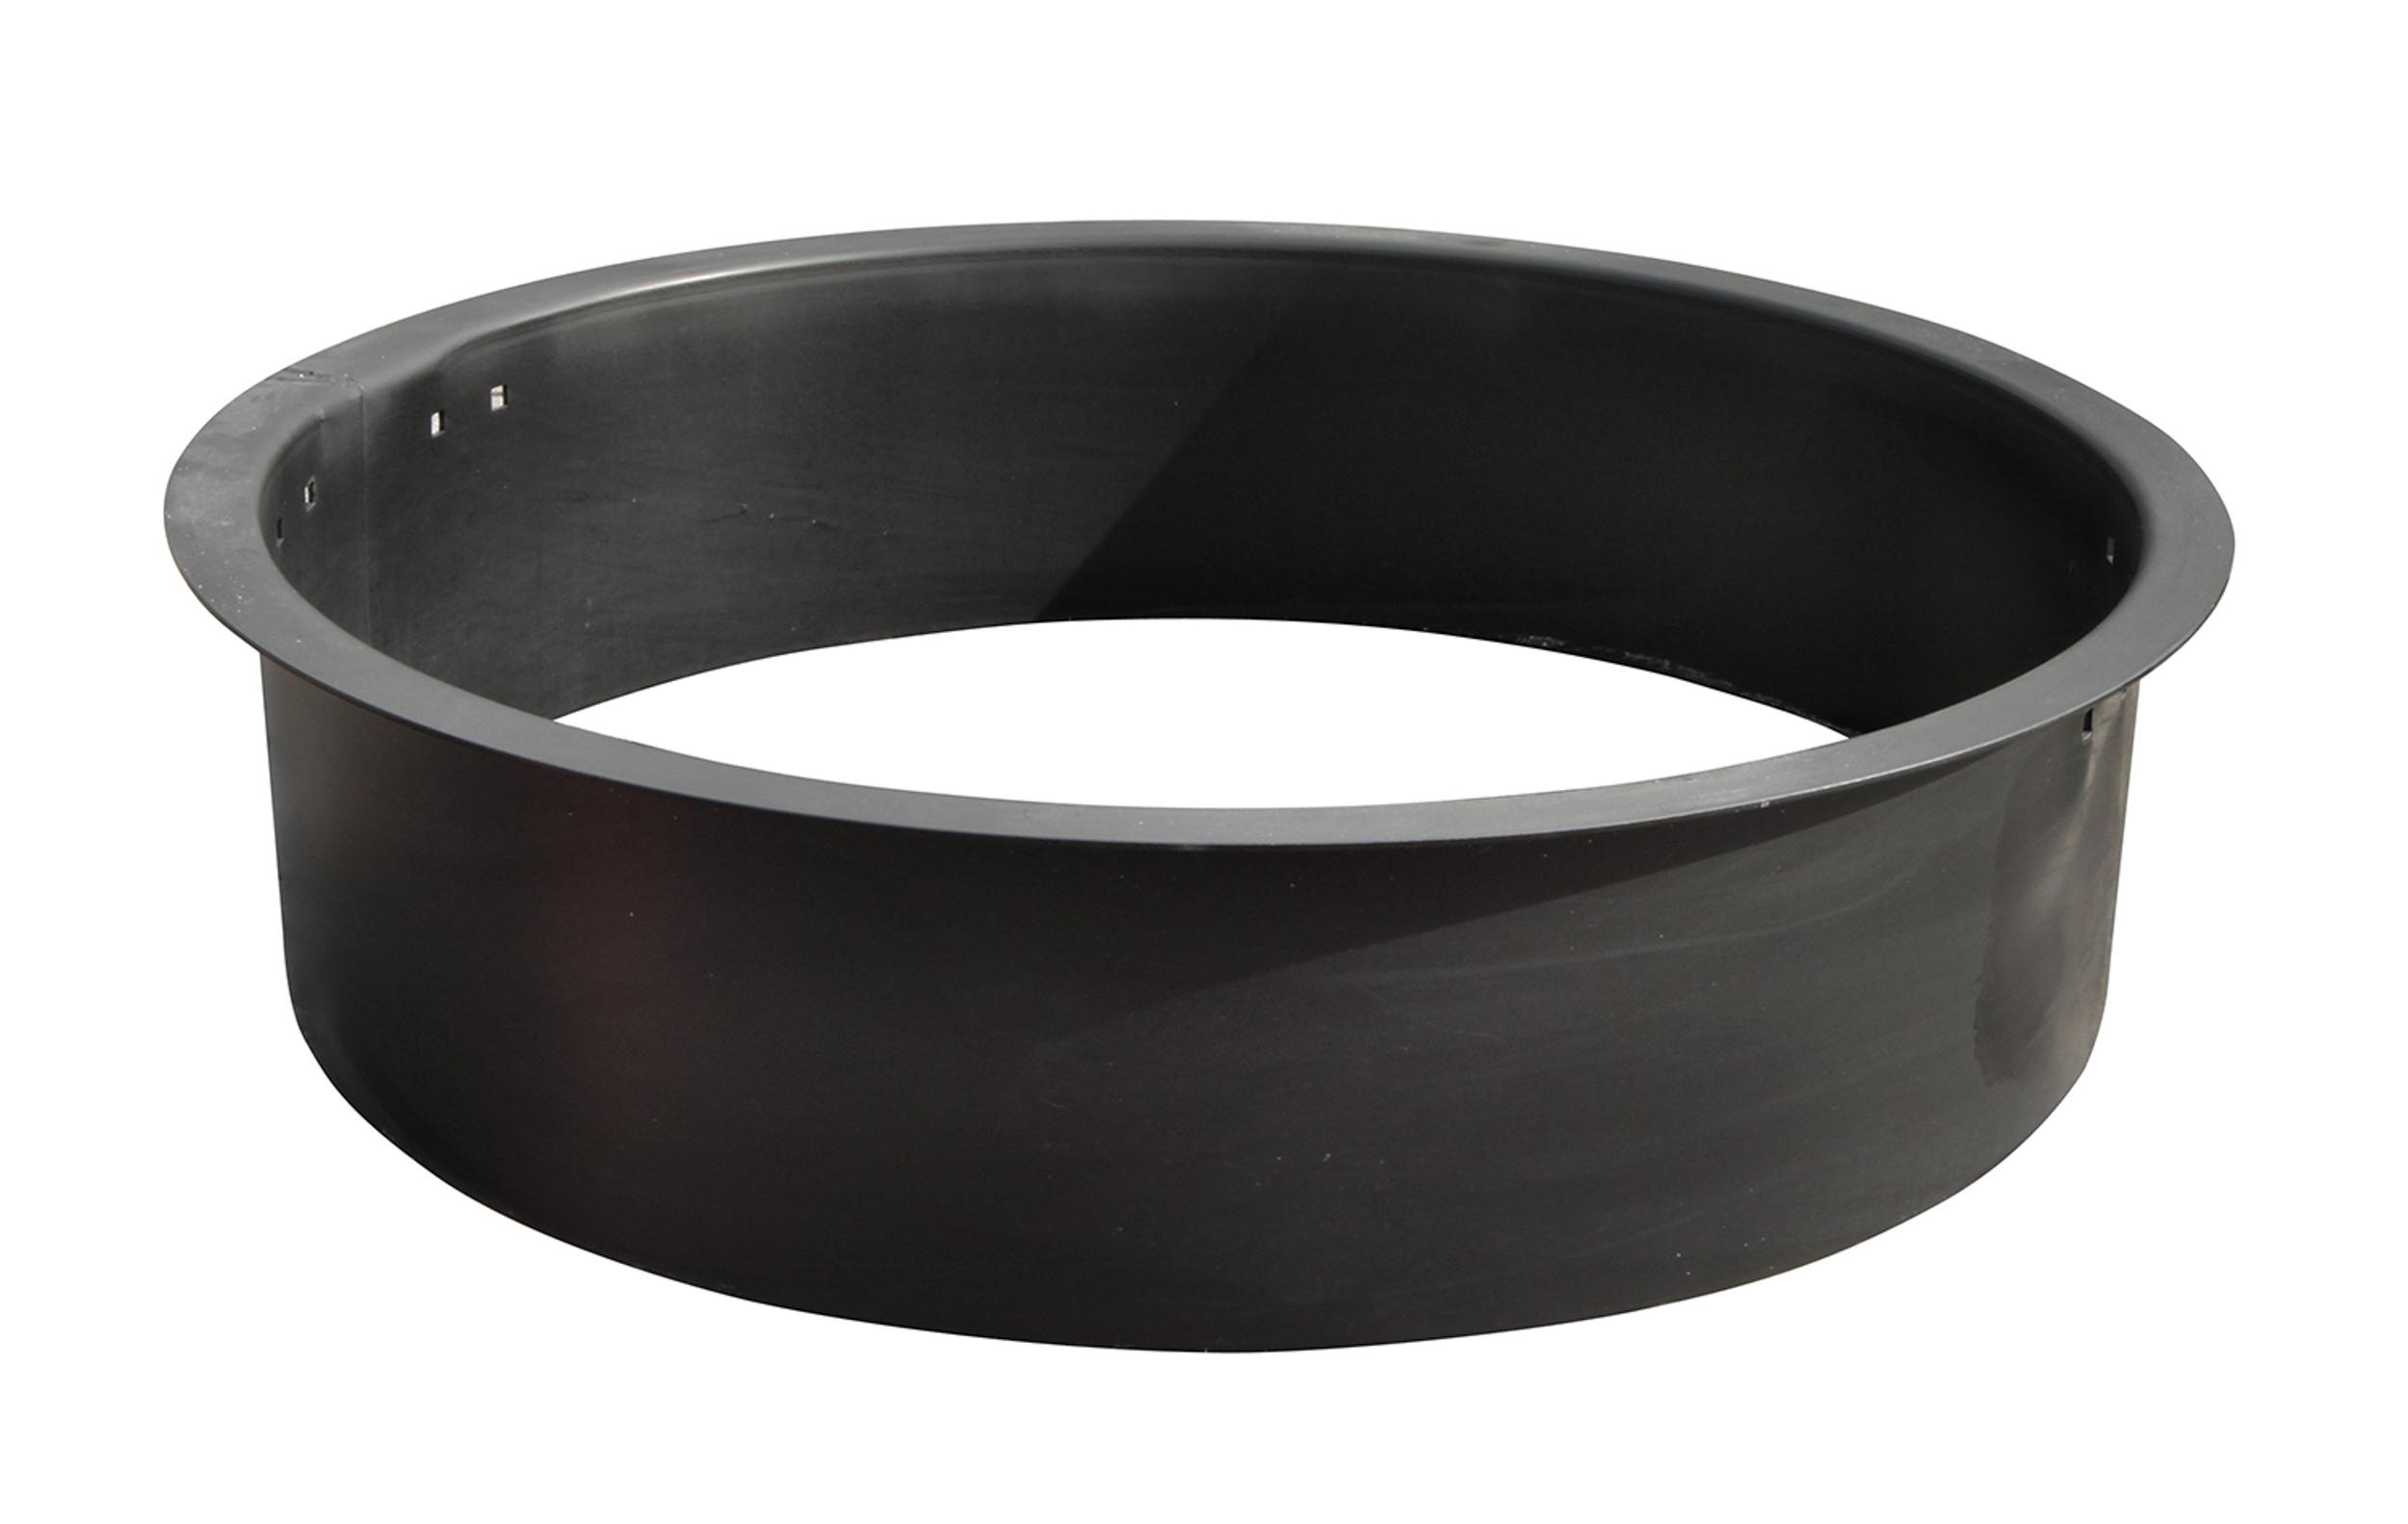 Steel Fire Ring Insert